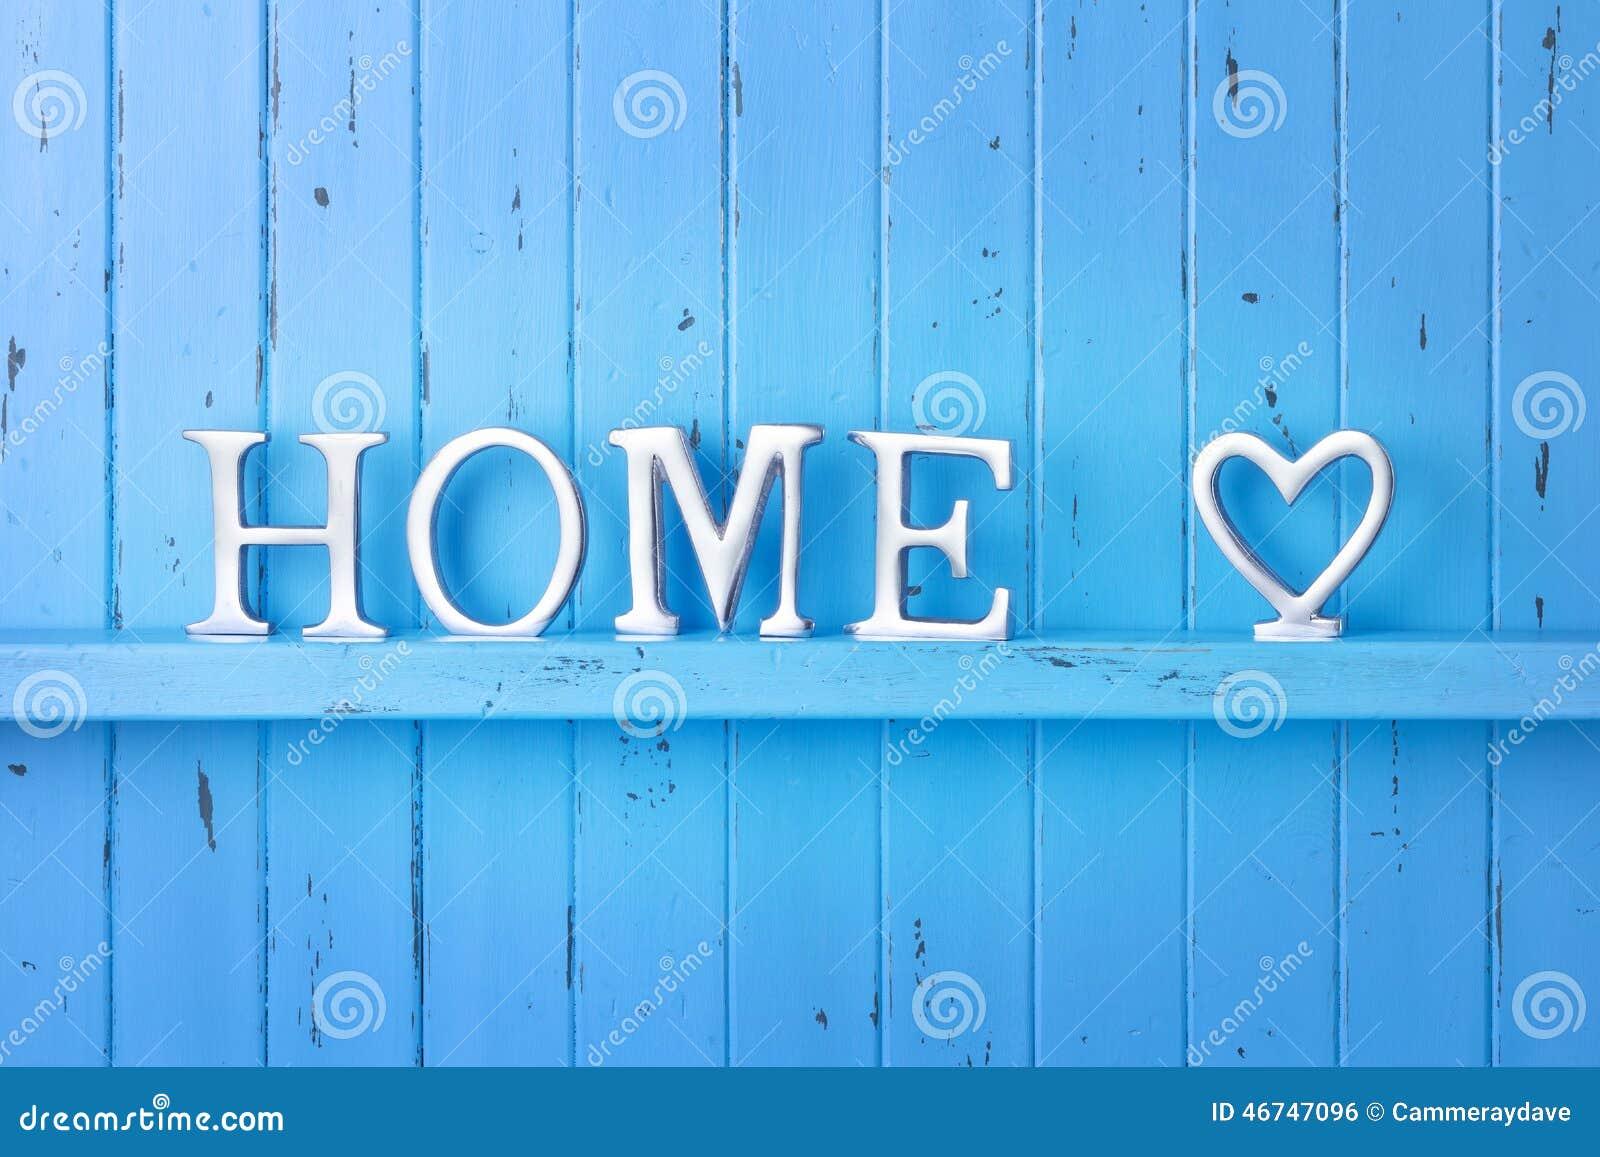 Hauptliebes-Blau-Hintergrund